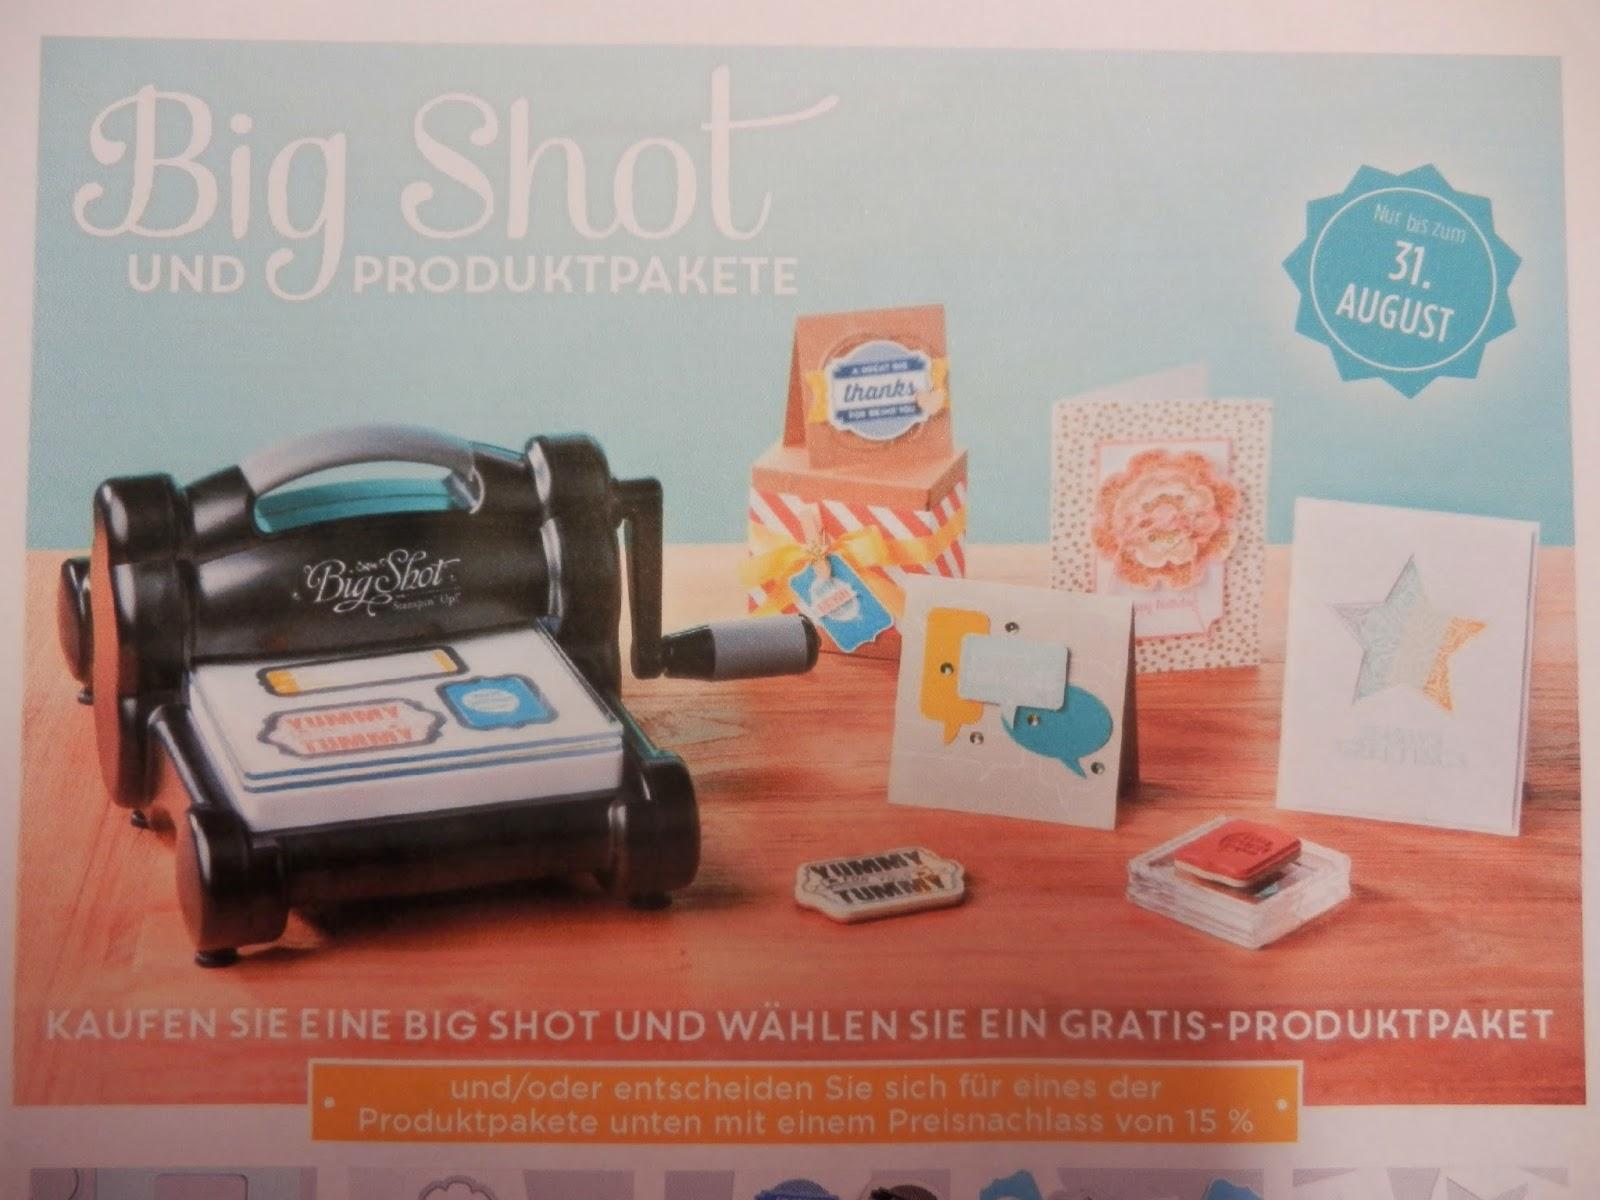 http://su-media.s3.amazonaws.com/media/docs/flyers/big_shot/Flyer_BS_Demo_8.1-31.2014_DE.pdf